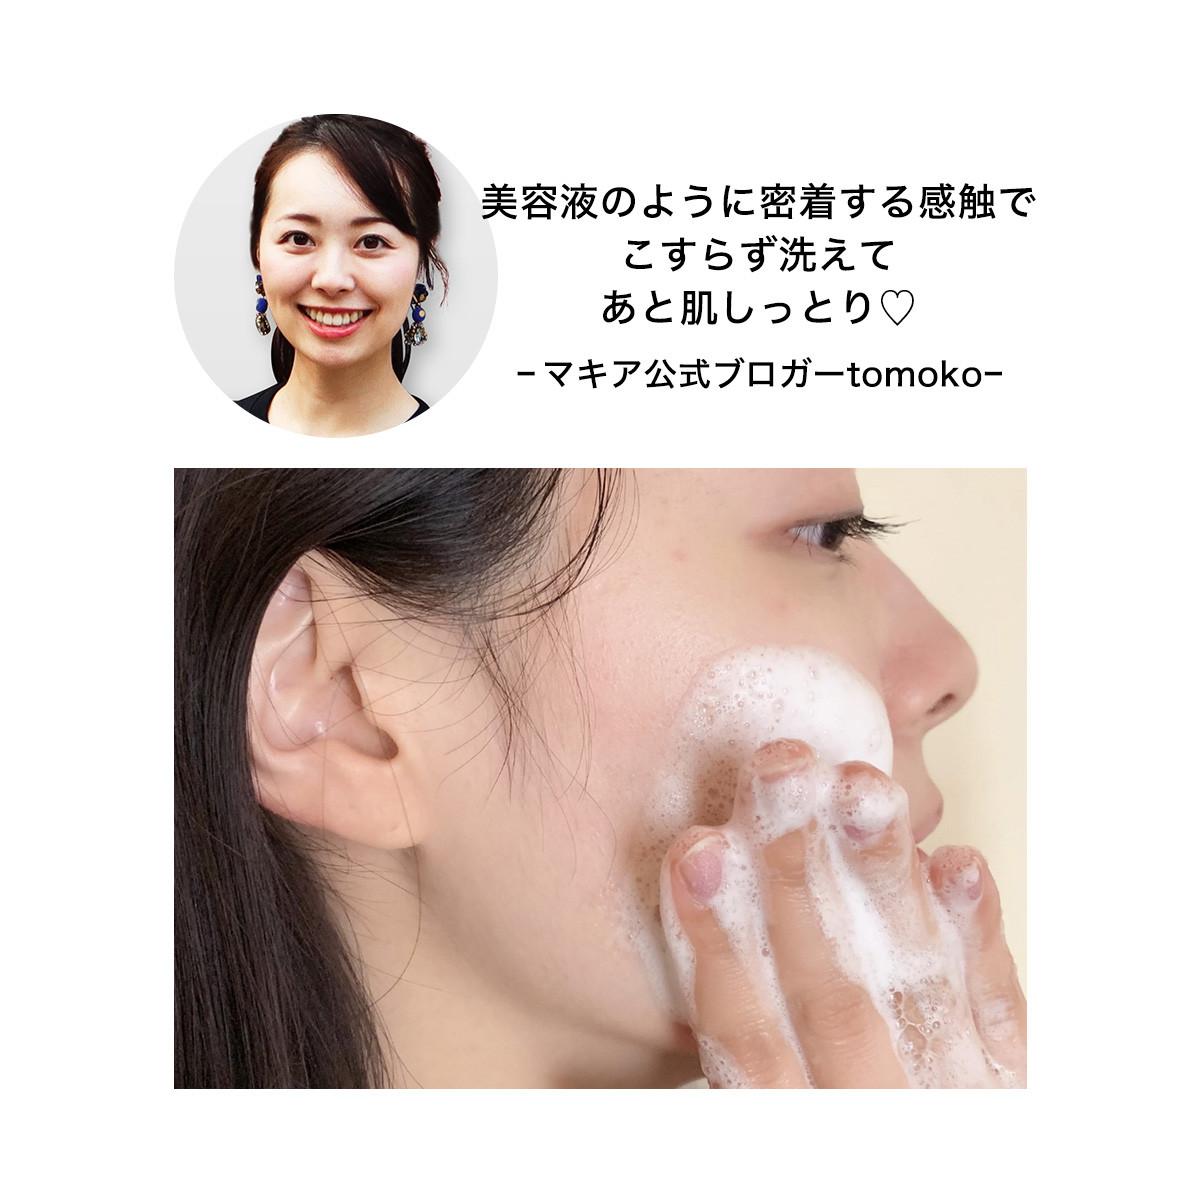 肌のうるおいを守って洗う。『ソフィーナ 乾燥肌のための美容液洗顔料〈リキッド〉』の魅力_1_2